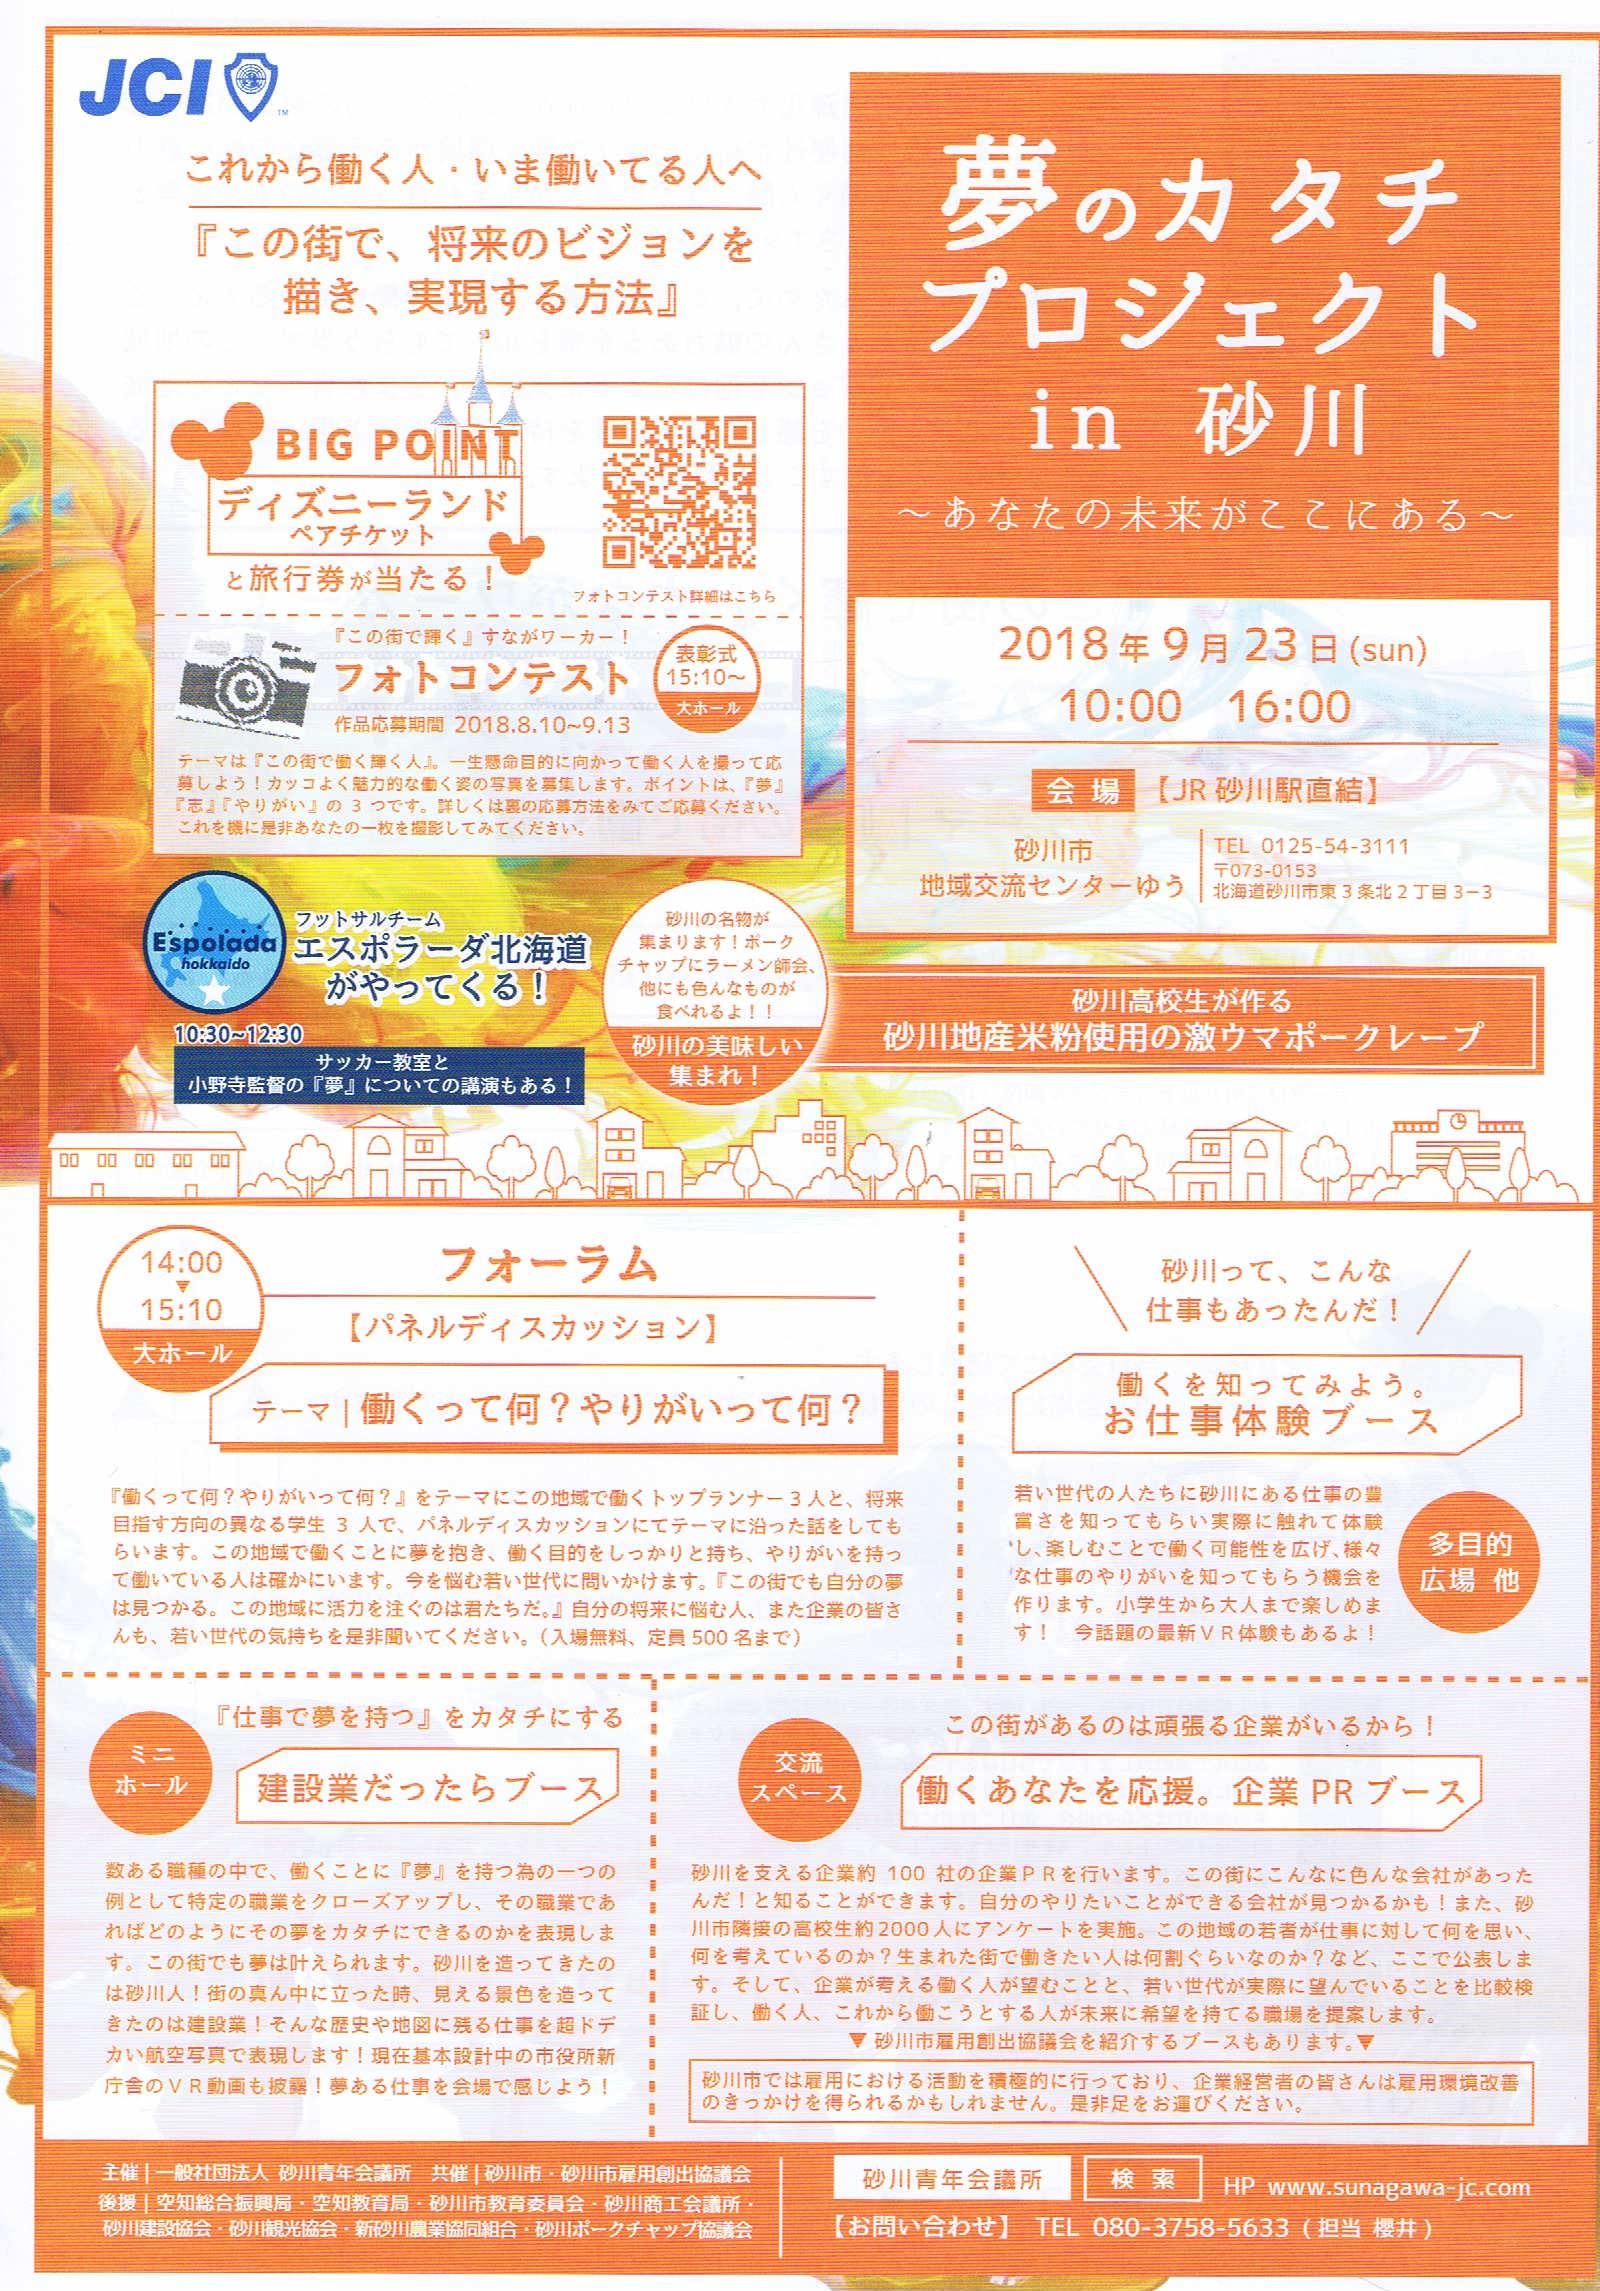 砂川青年会議所 夢のカタチプロジェクトのポスター